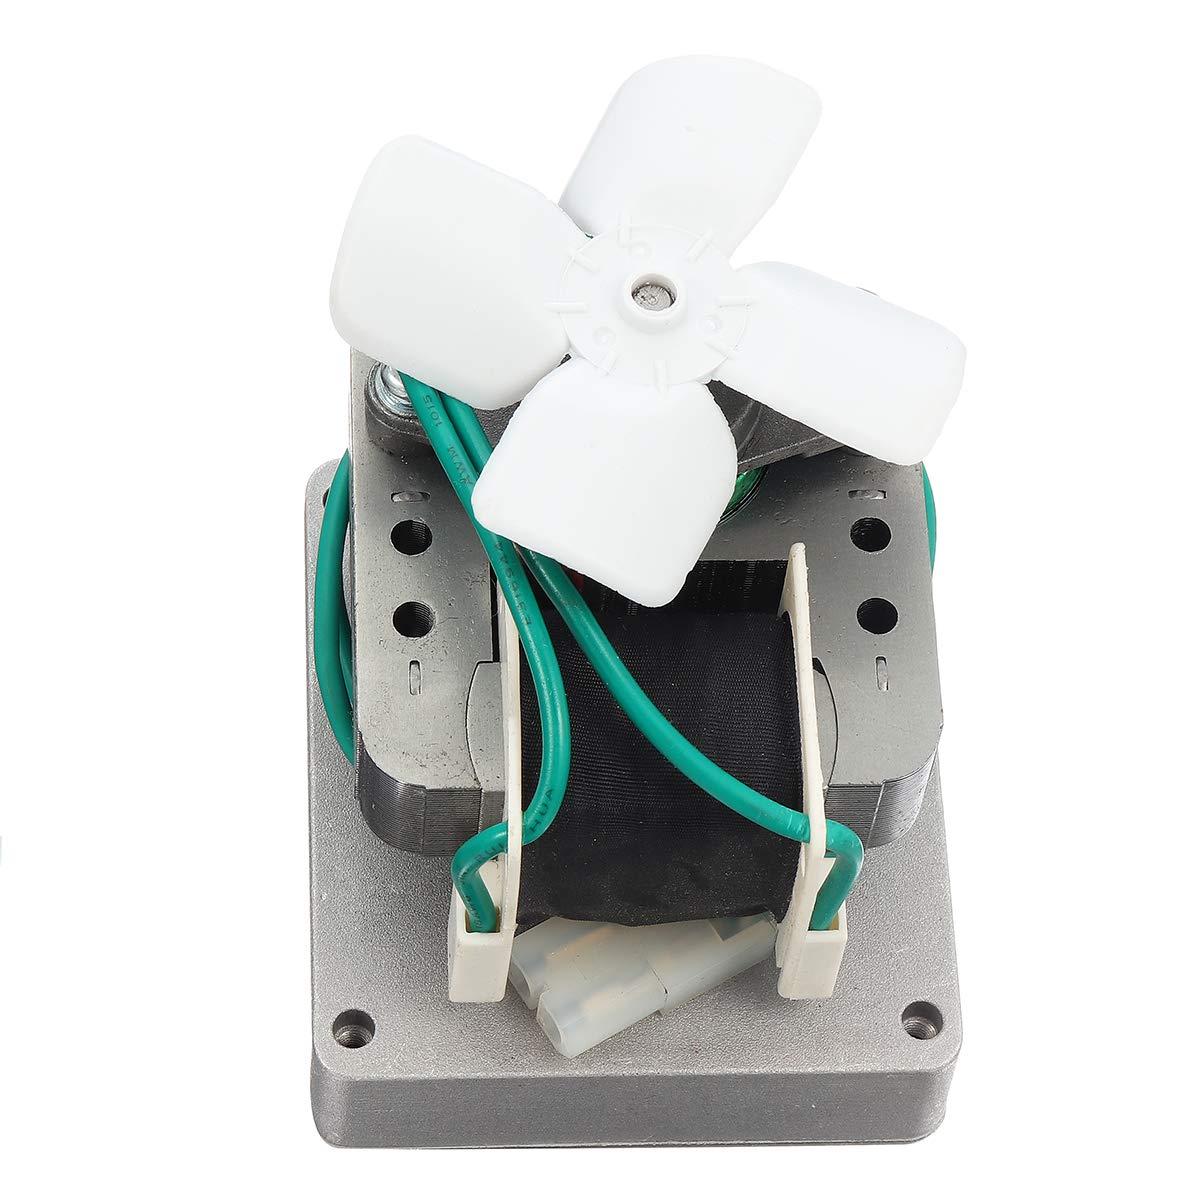 Forspero 50Hz 1.5//2.0 Rpm Motor De Barrena De Repuesto Para Pit Boss Parrilla De Fumador De Pellets De Madera El/éctrica # 001